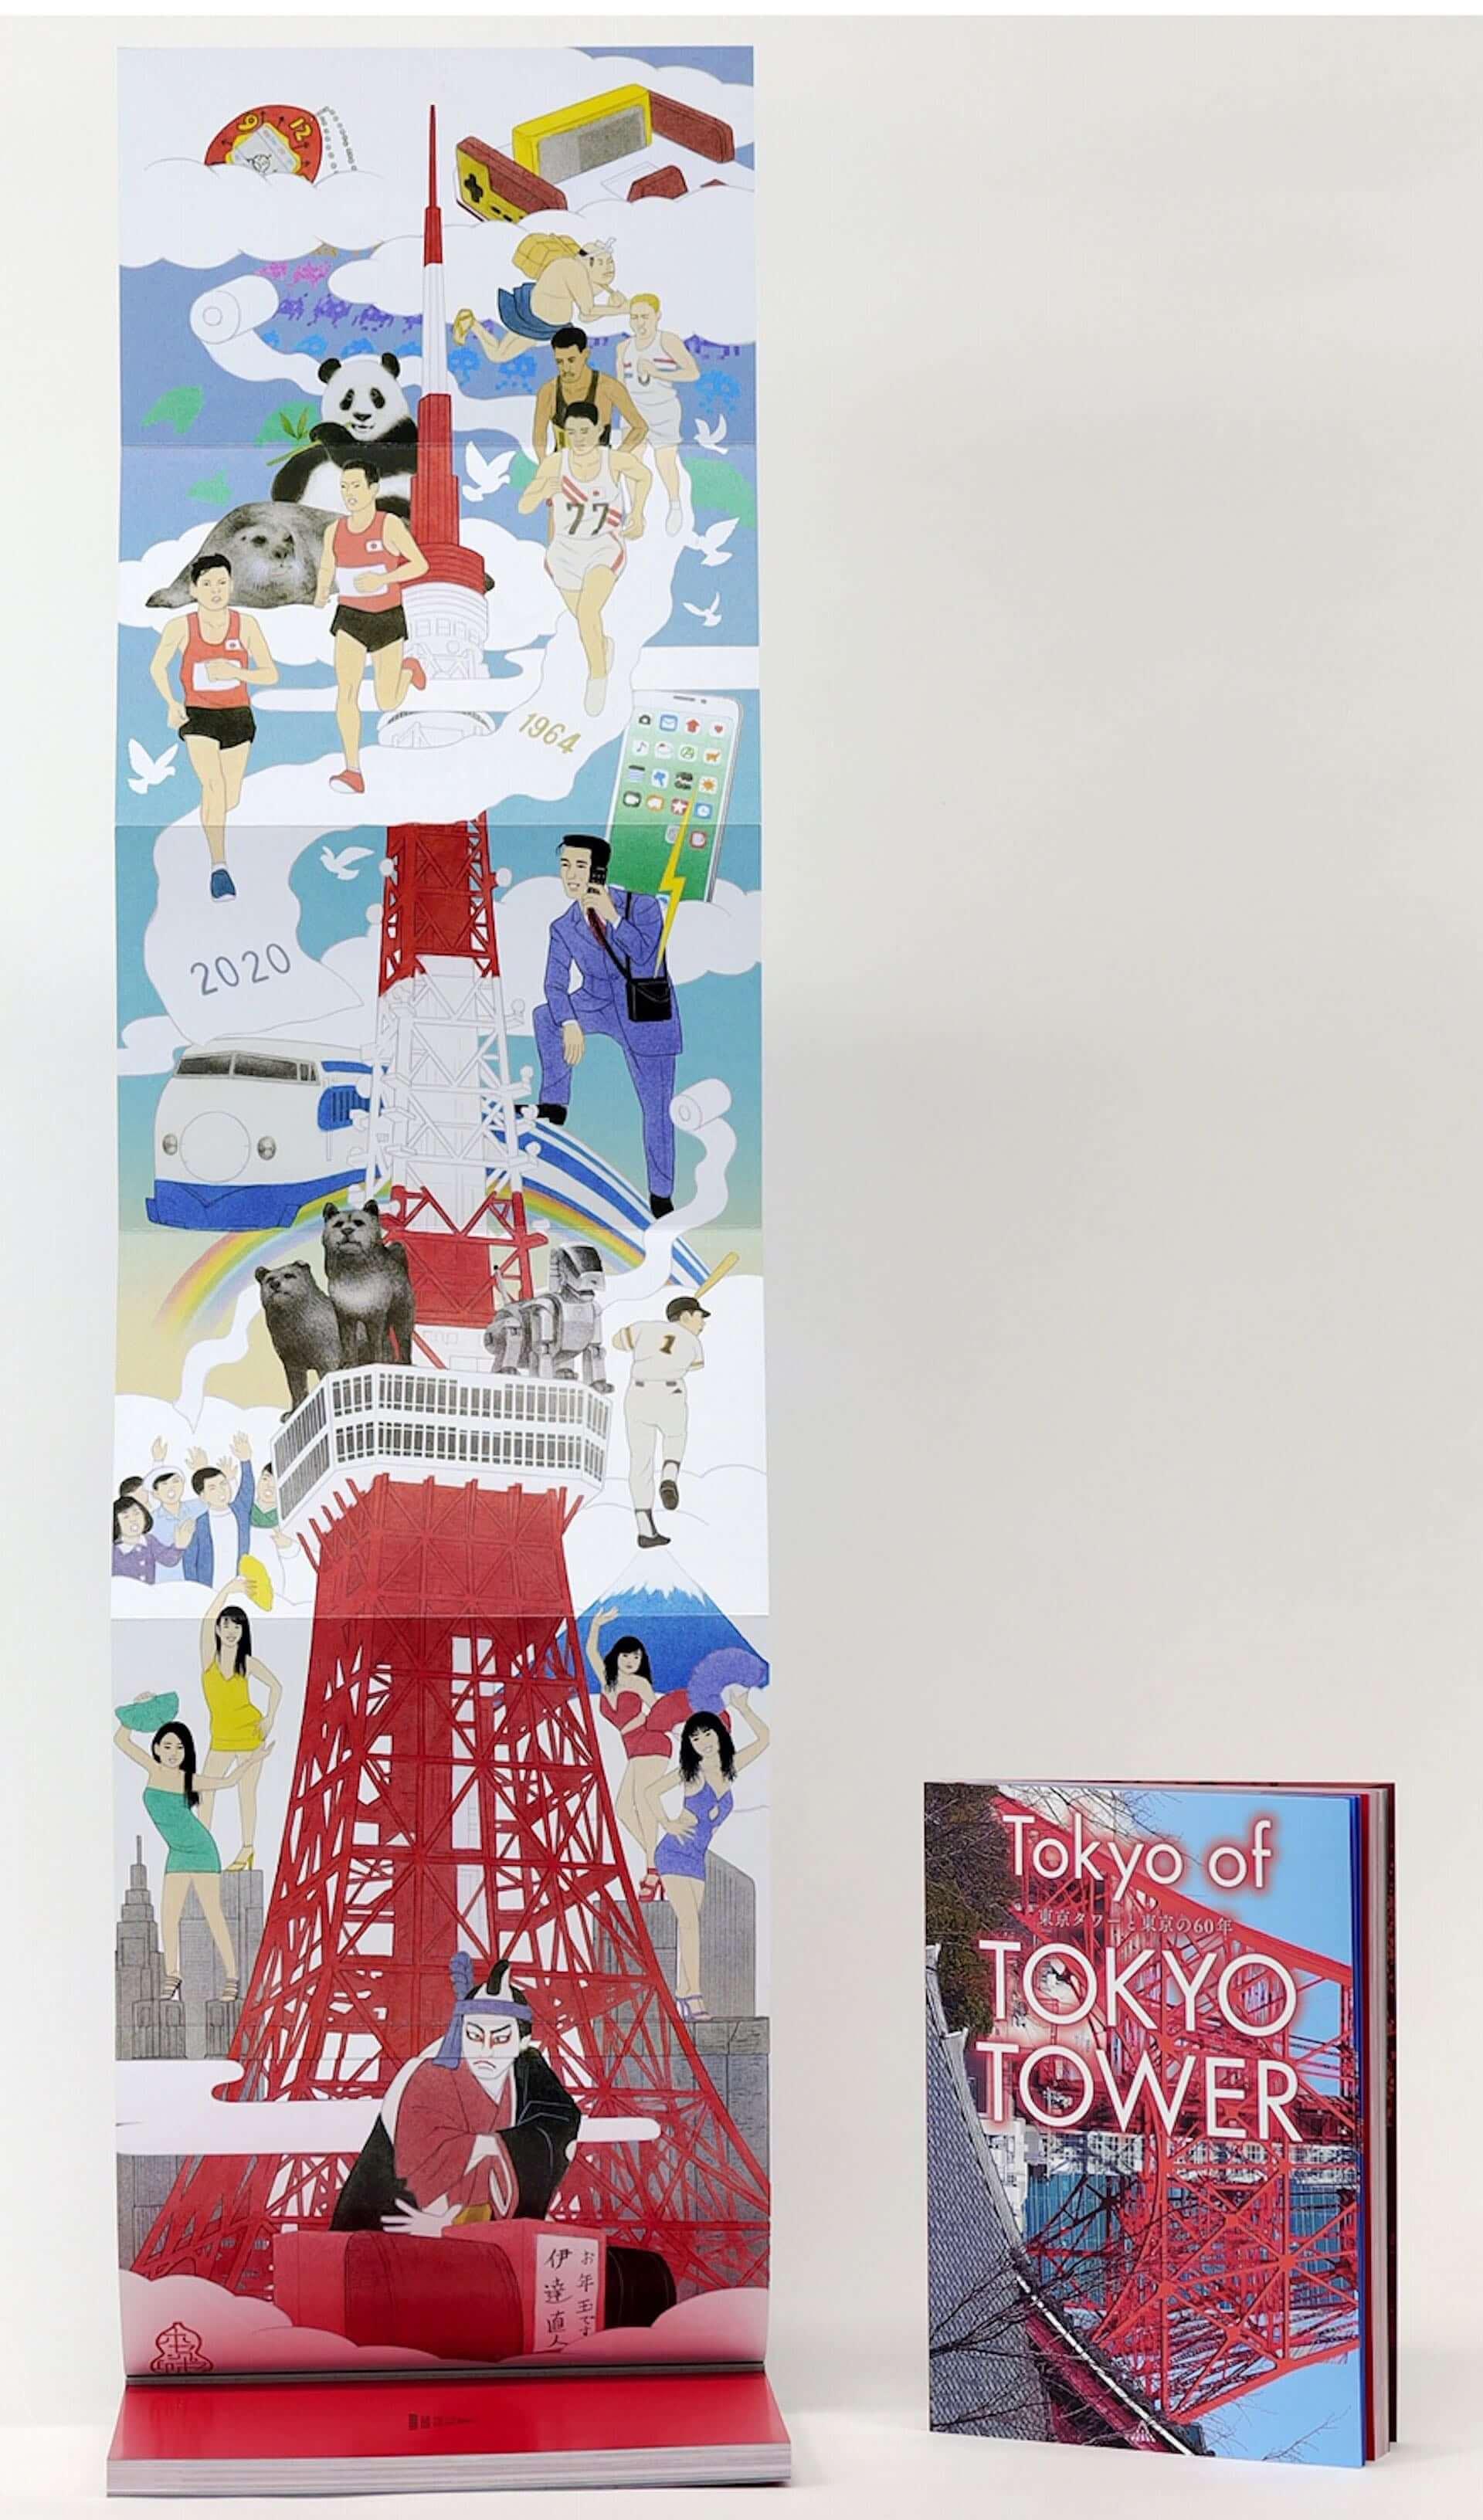 東京タワーと東京の歴史に迫る!書籍『Tokyo of TOKYO TOWER 東京タワーと東京の60年』が刊行決定&特別体験ツアー応募ハガキも同梱 art201204_tokyotower_3-1920x3263